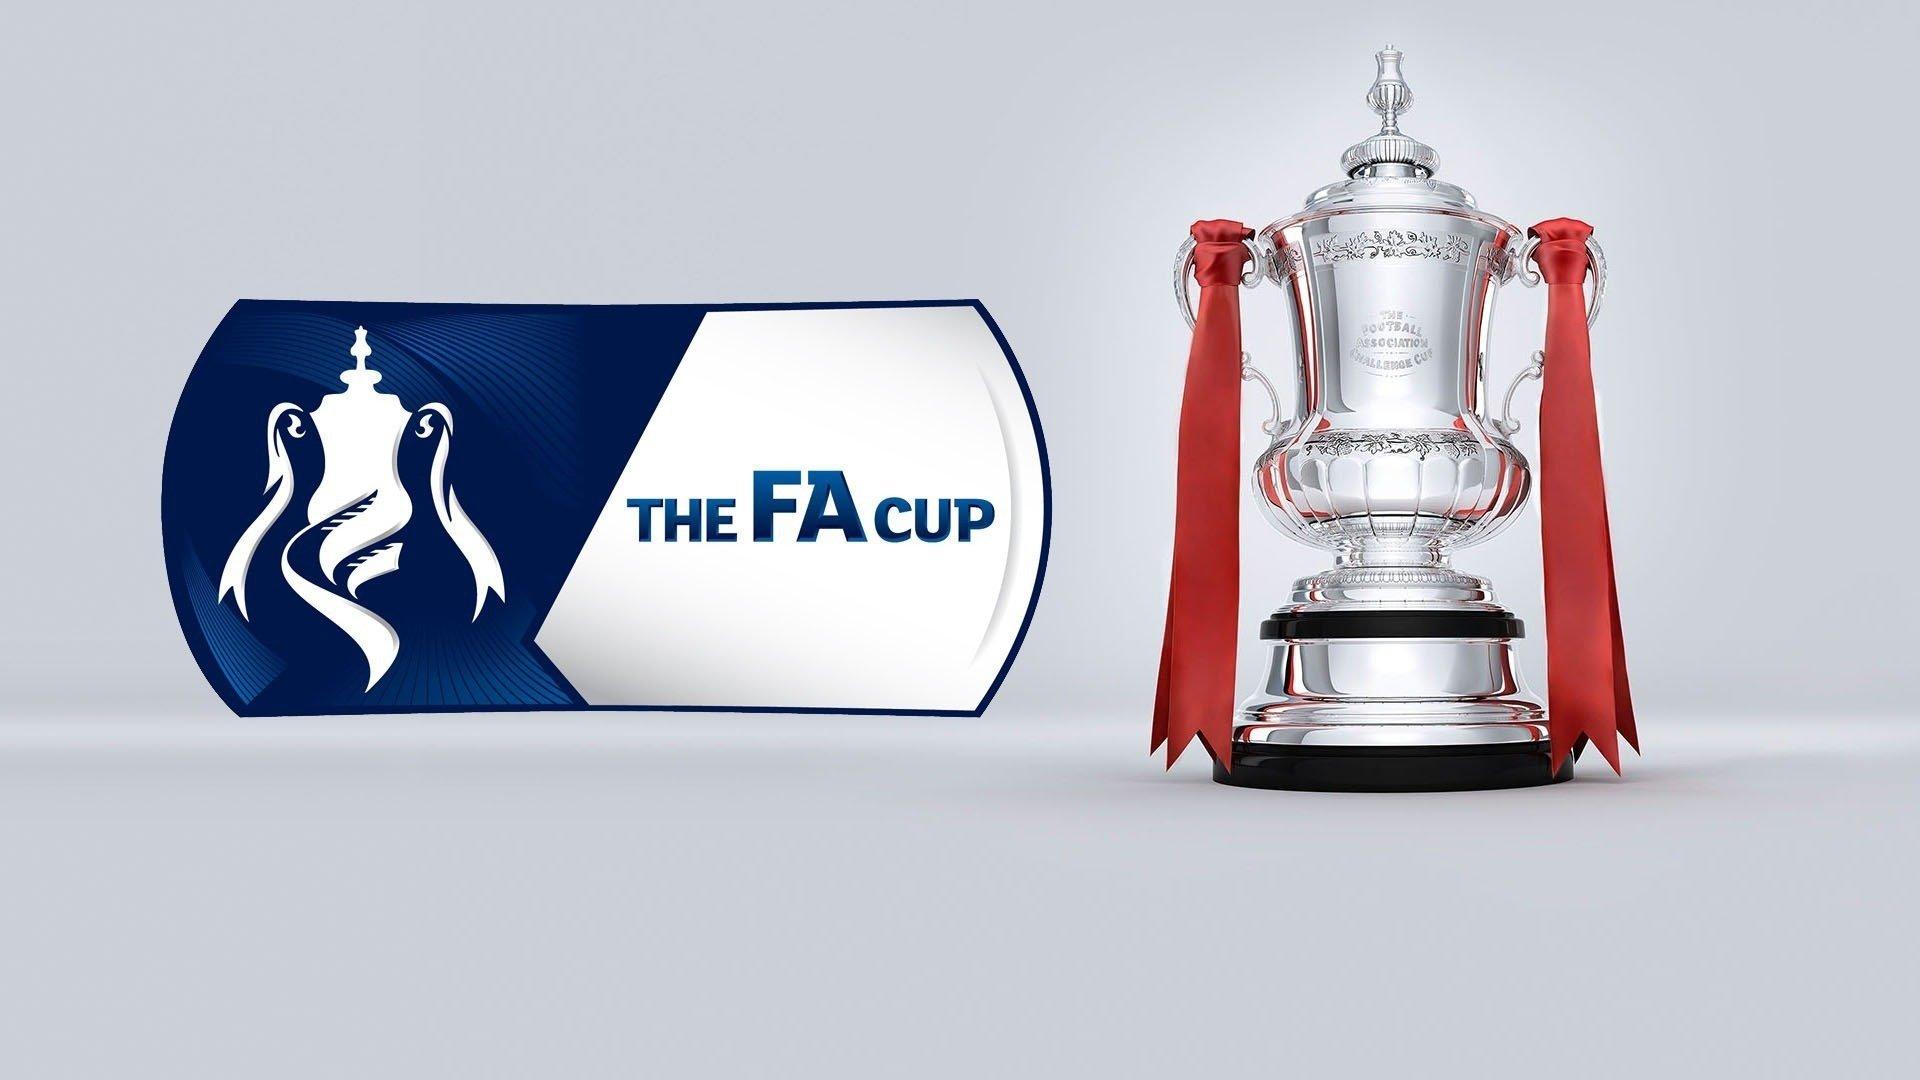 Fotboll: FA-cupen